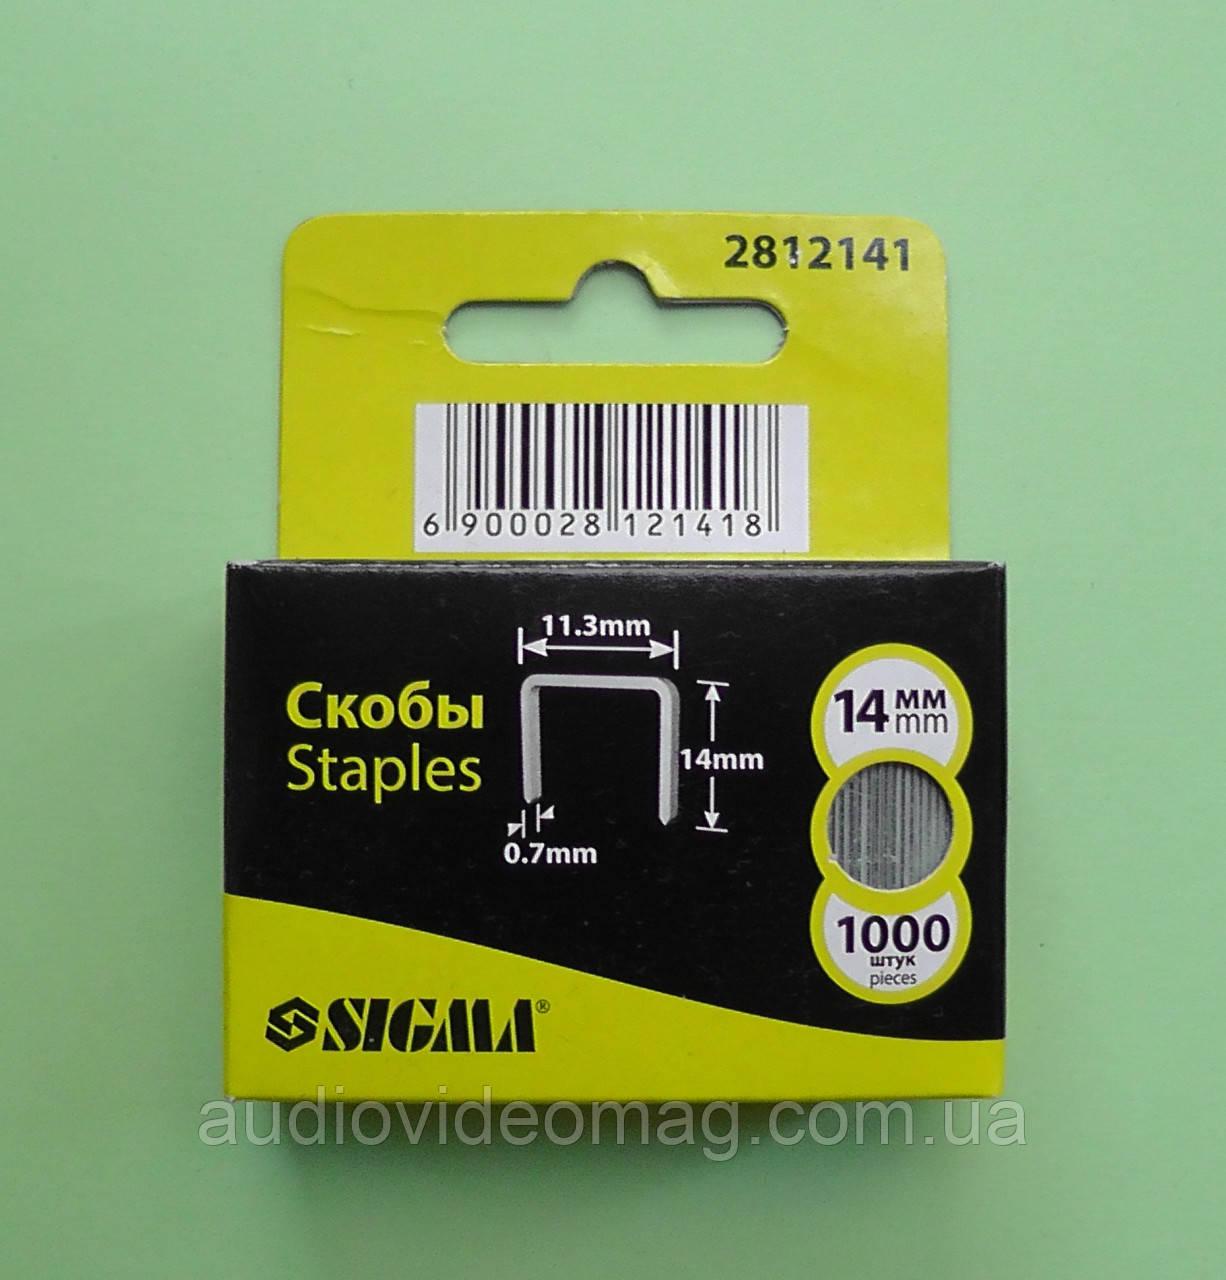 Скоба для степлера 14 мм, упаковка - 1000 штук